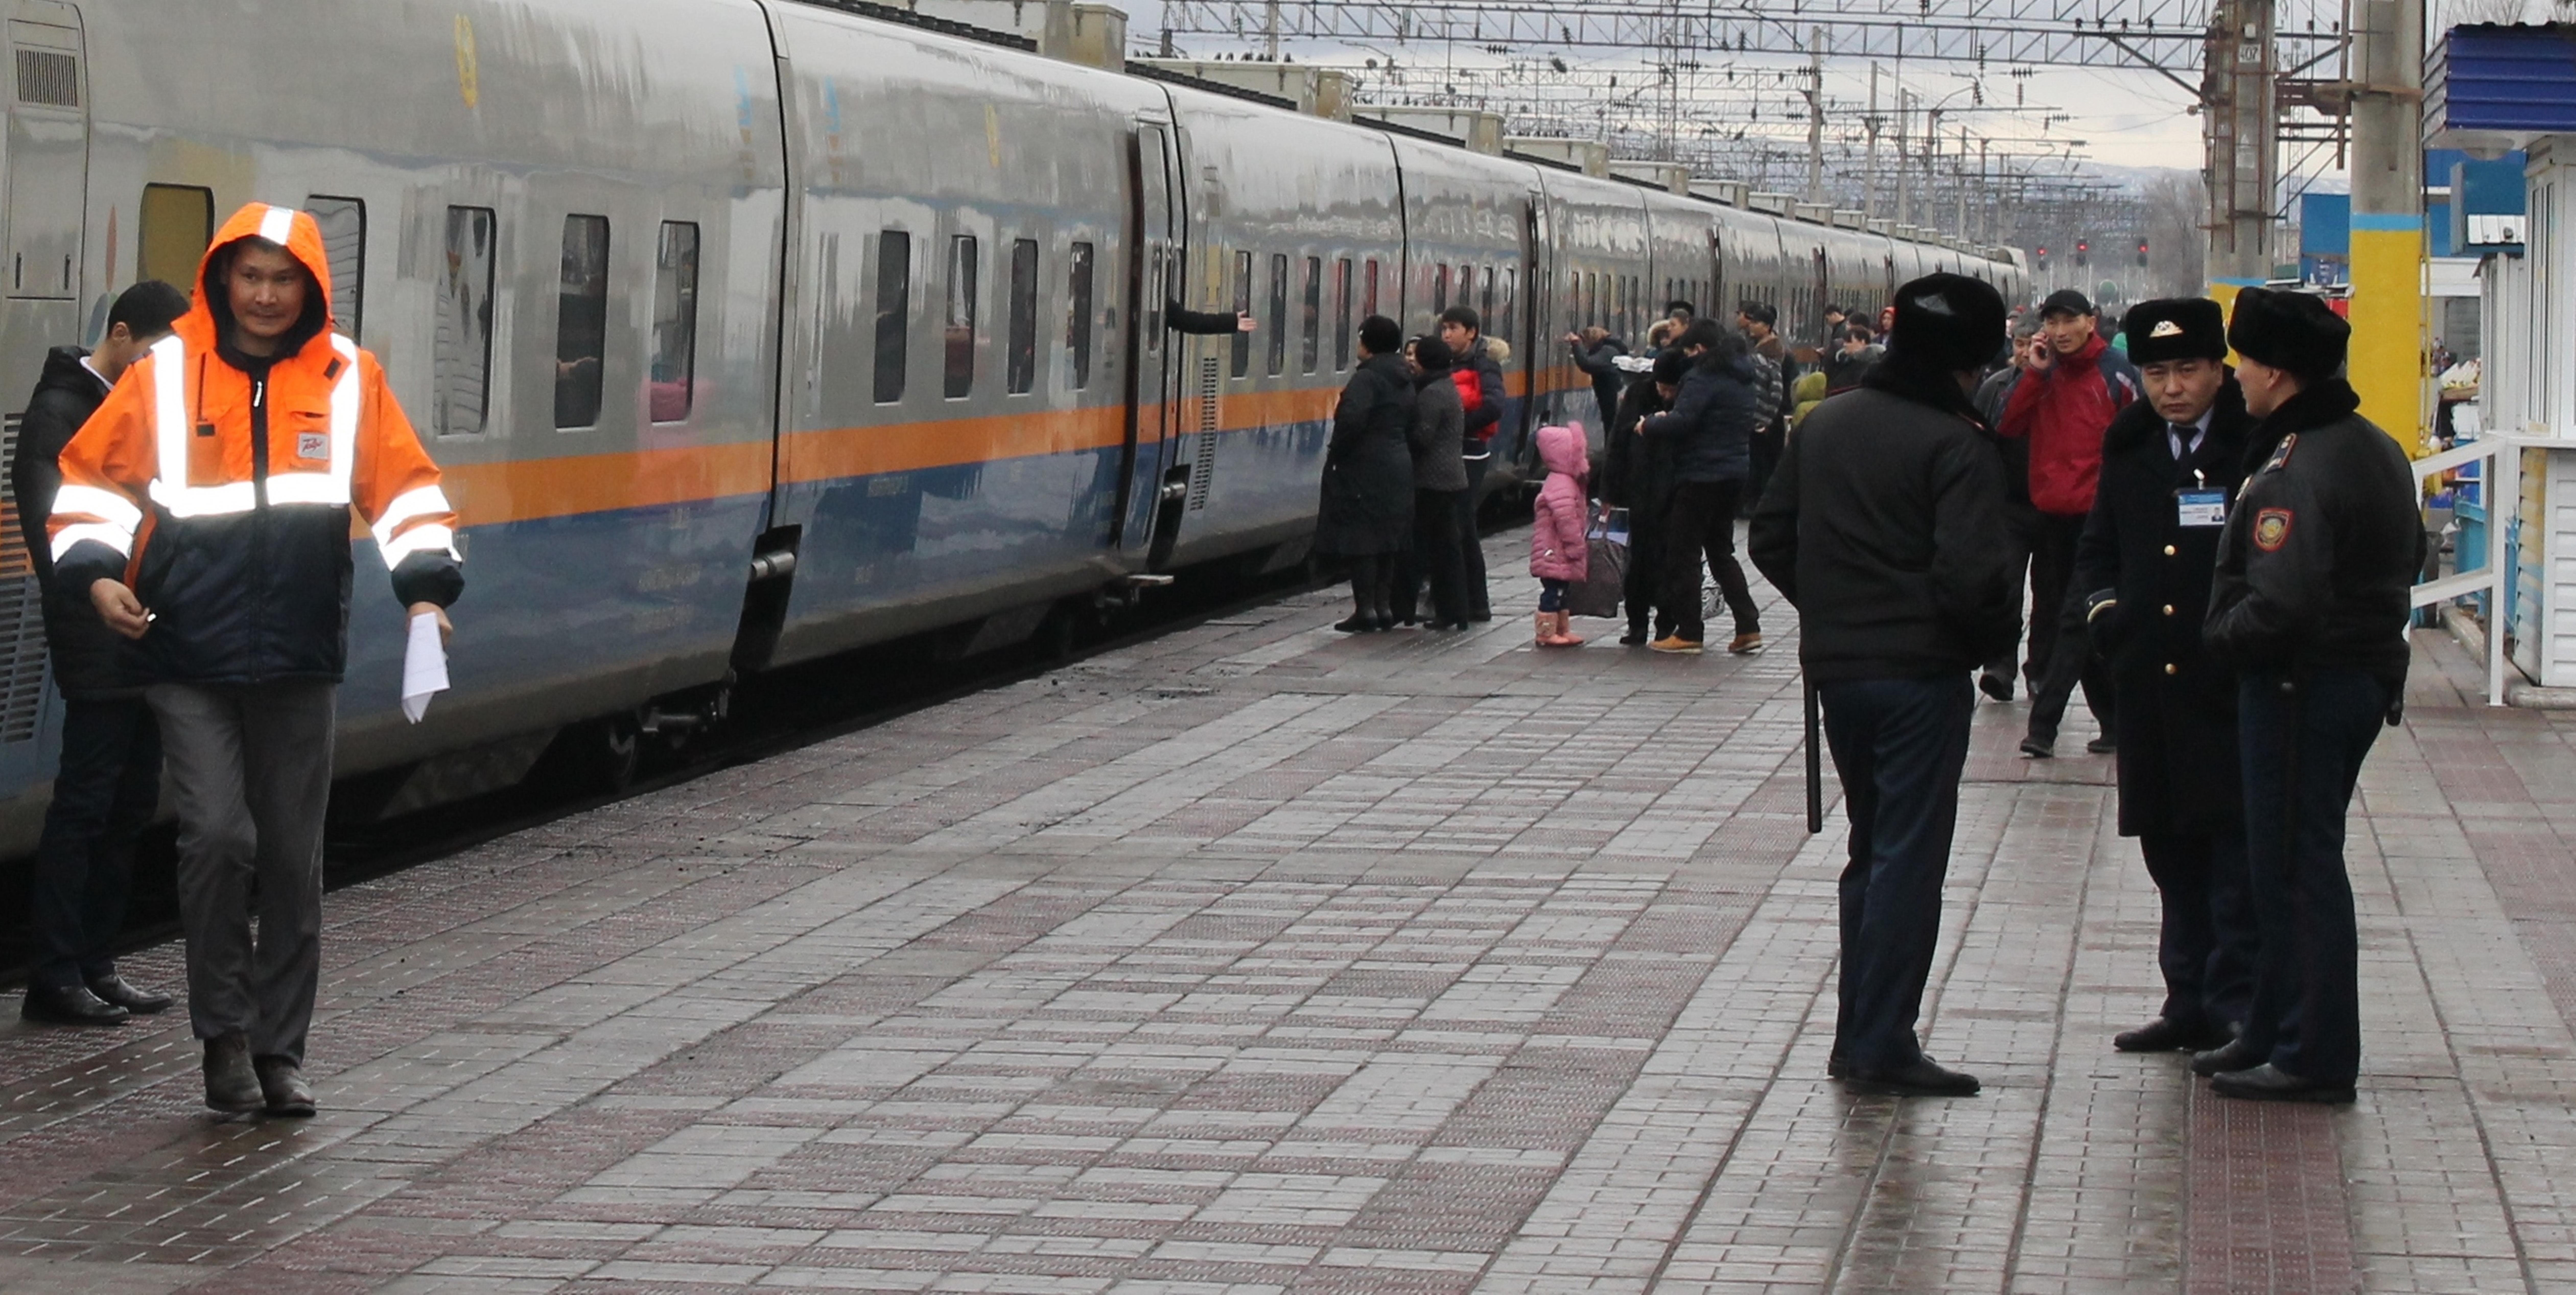 Казахстан усилил меры безопасности на железнодорожном и авиа-транспорте